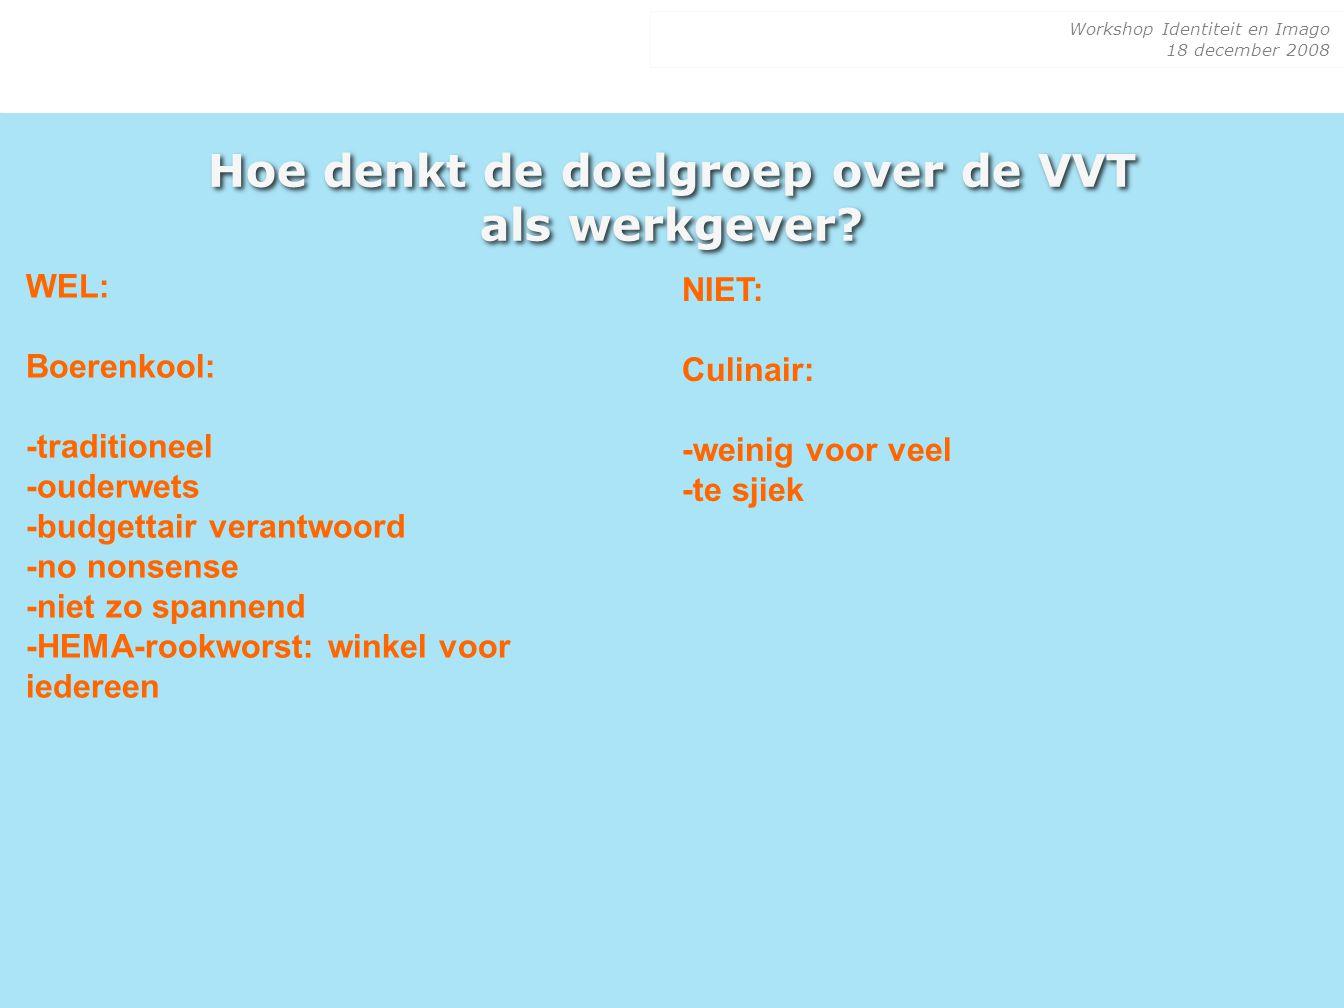 Hoe denkt de doelgroep over de VVT als werkgever